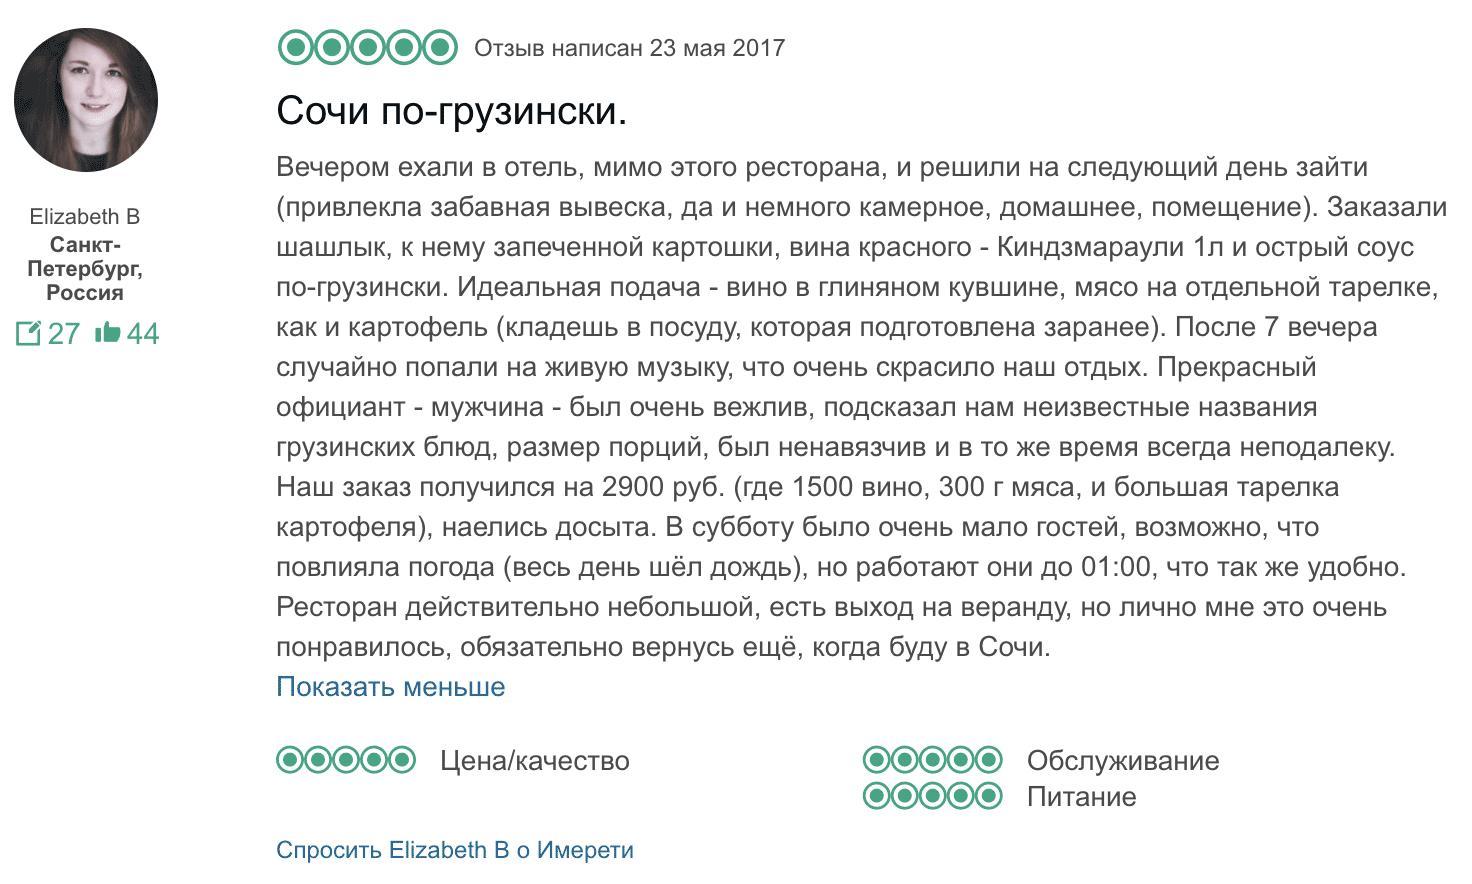 Бутылка вина, порция картошки и мяса — 2900<span class=ruble>Р</span>. Для кого-то это роскошь, хотя в отзыве написано «отличные цены»